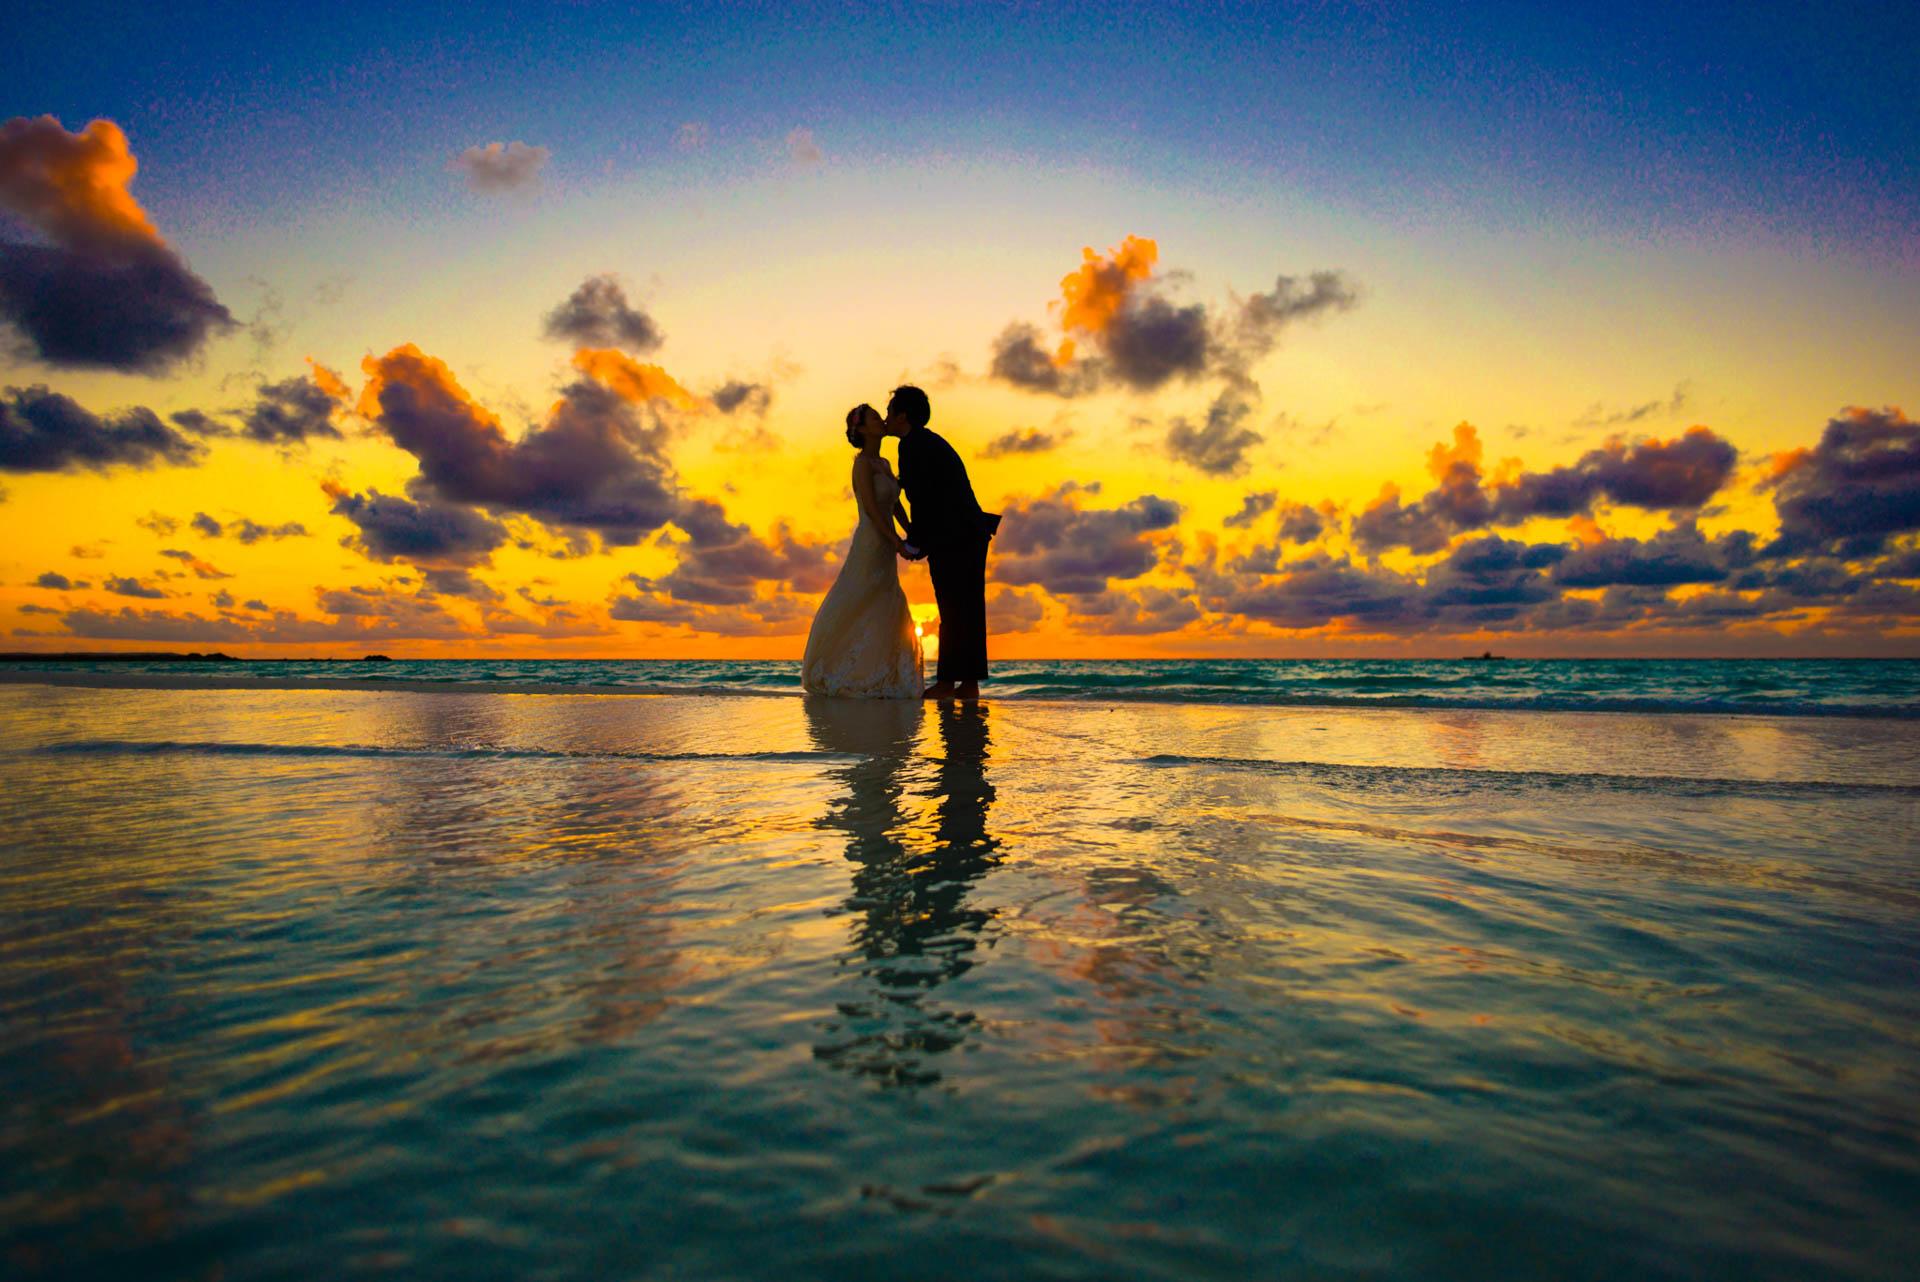 Kang Kim Sand Bank Wedding at St Regis Vommuly Maldives 9